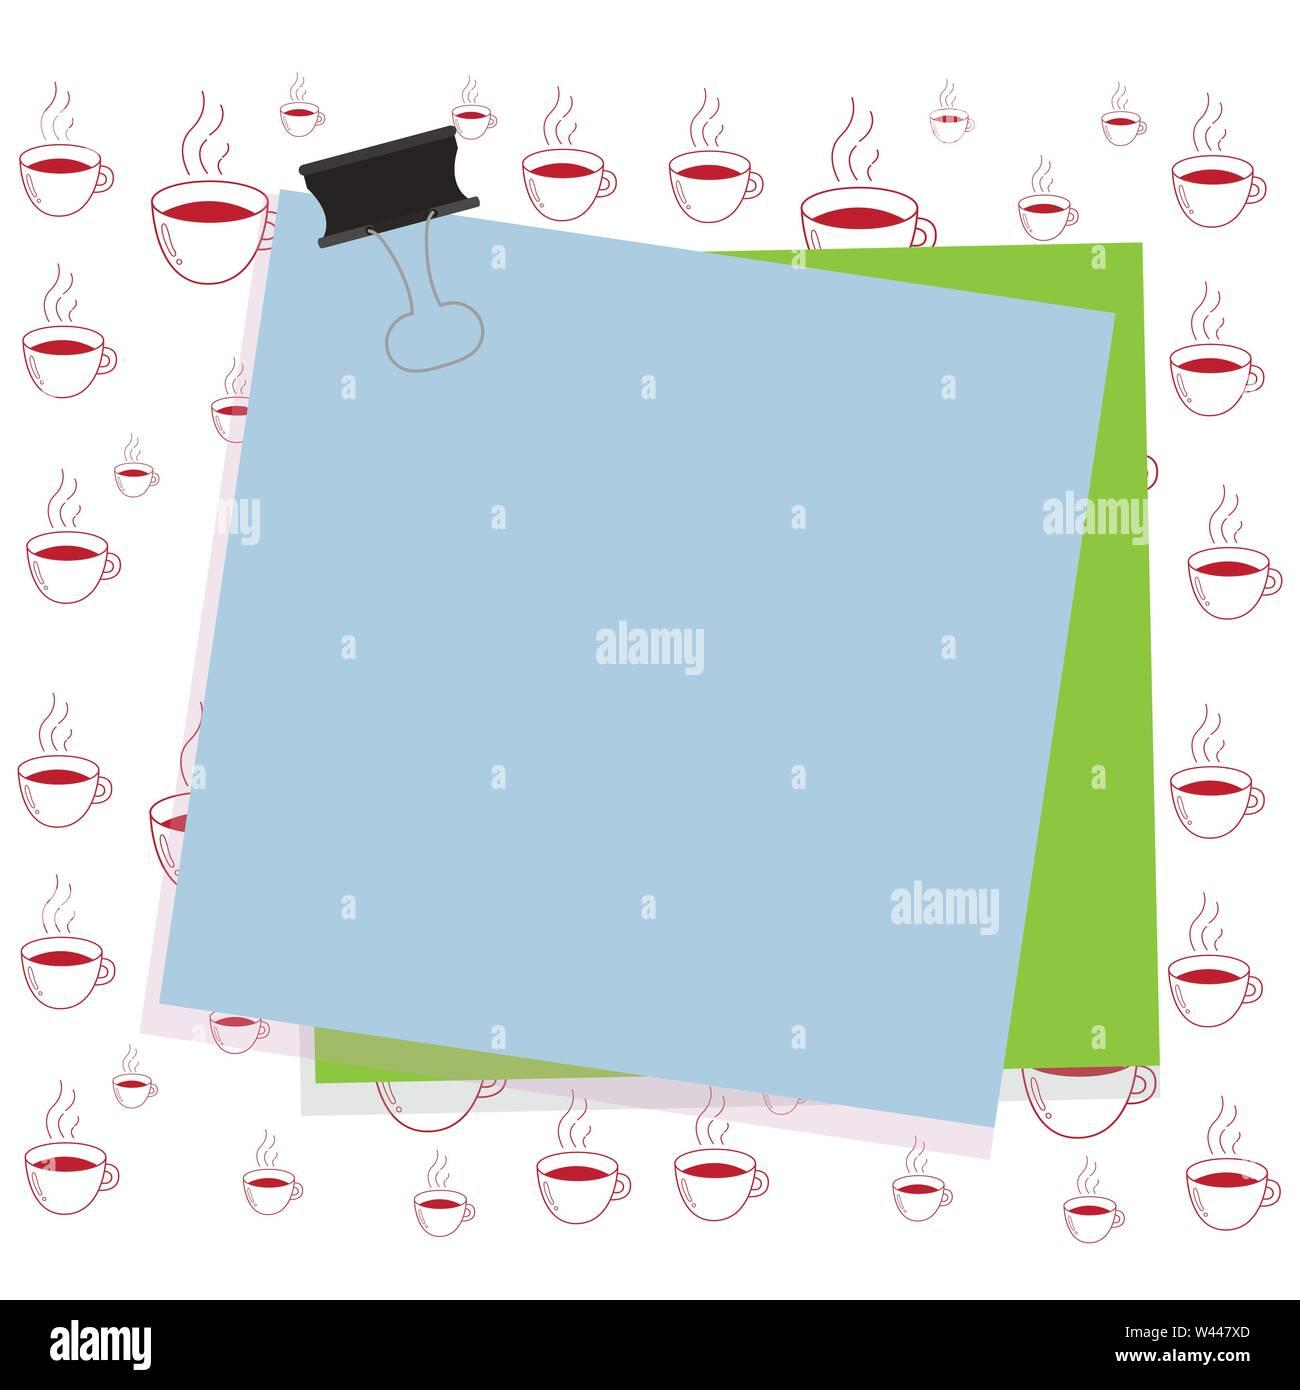 Carta bloccata binder clip sfondo colorato memo promemoria di forniture per ufficio business design concept vuoto consente di copiare il testo per il banner per il Web di materiale promozionale m Immagini Stock